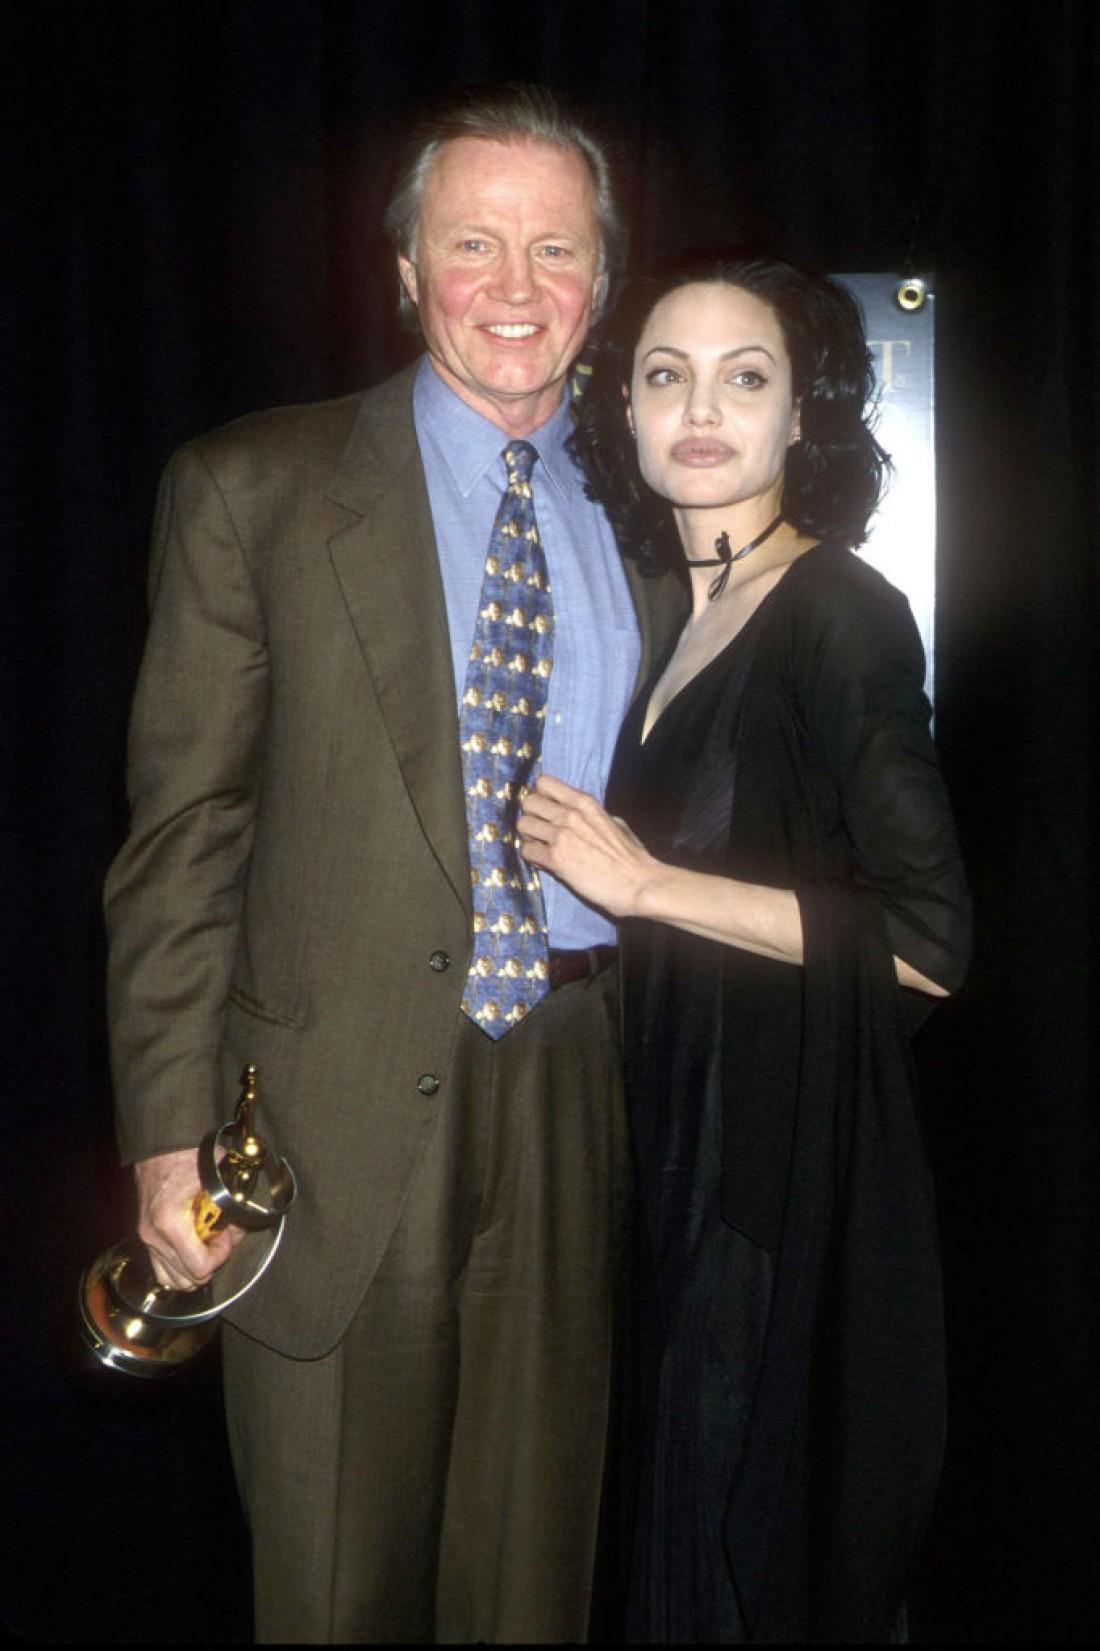 Джон Войт и Анджелина Джоли в 2000 году